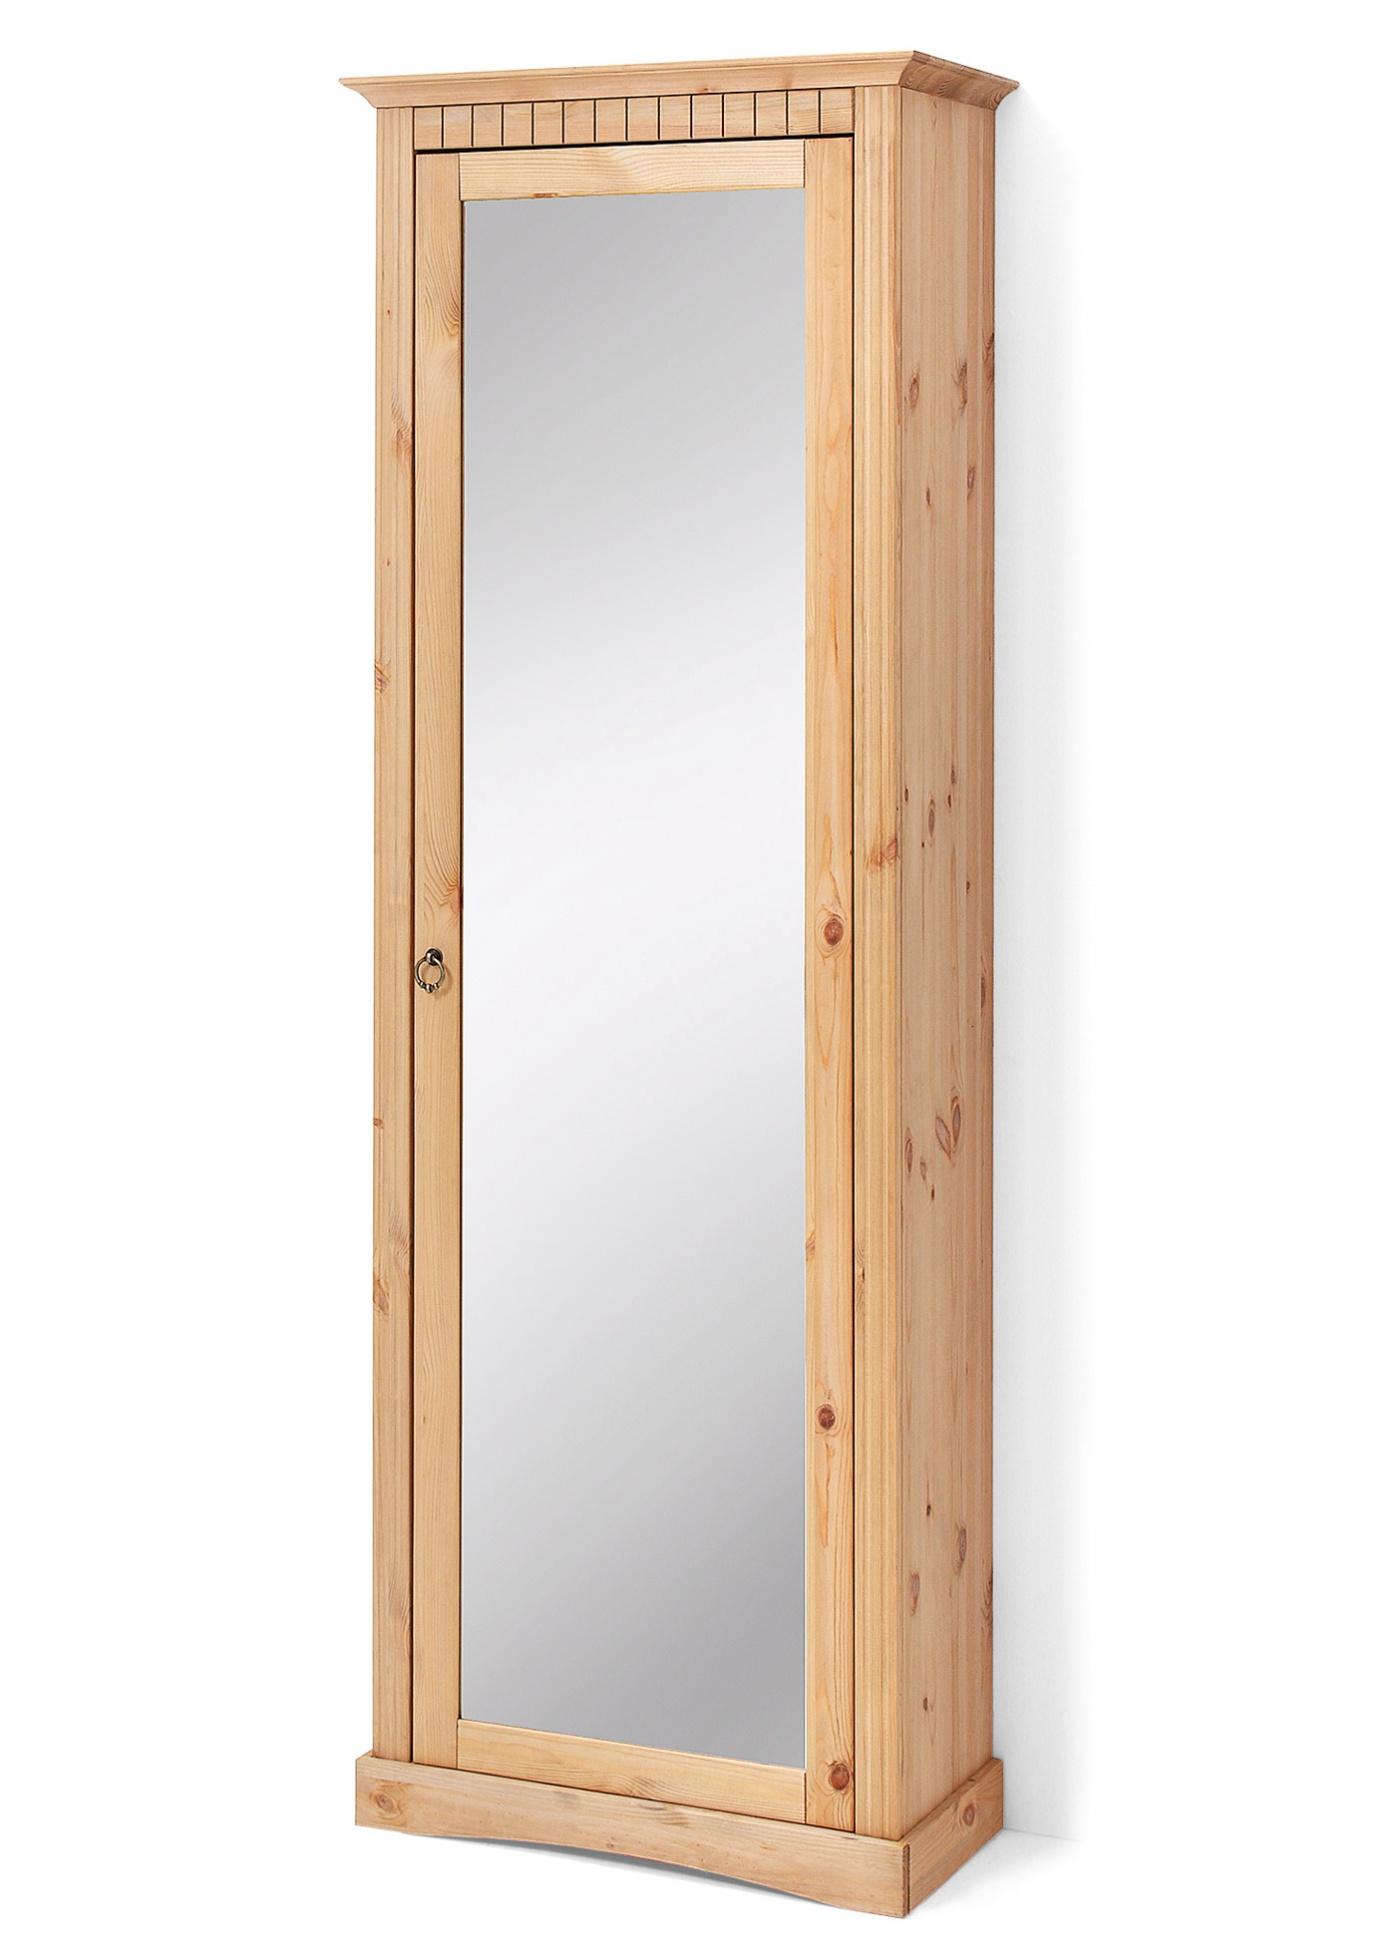 Spiegel schuhschrank buche preisvergleich die besten for Bonprix casa mobili